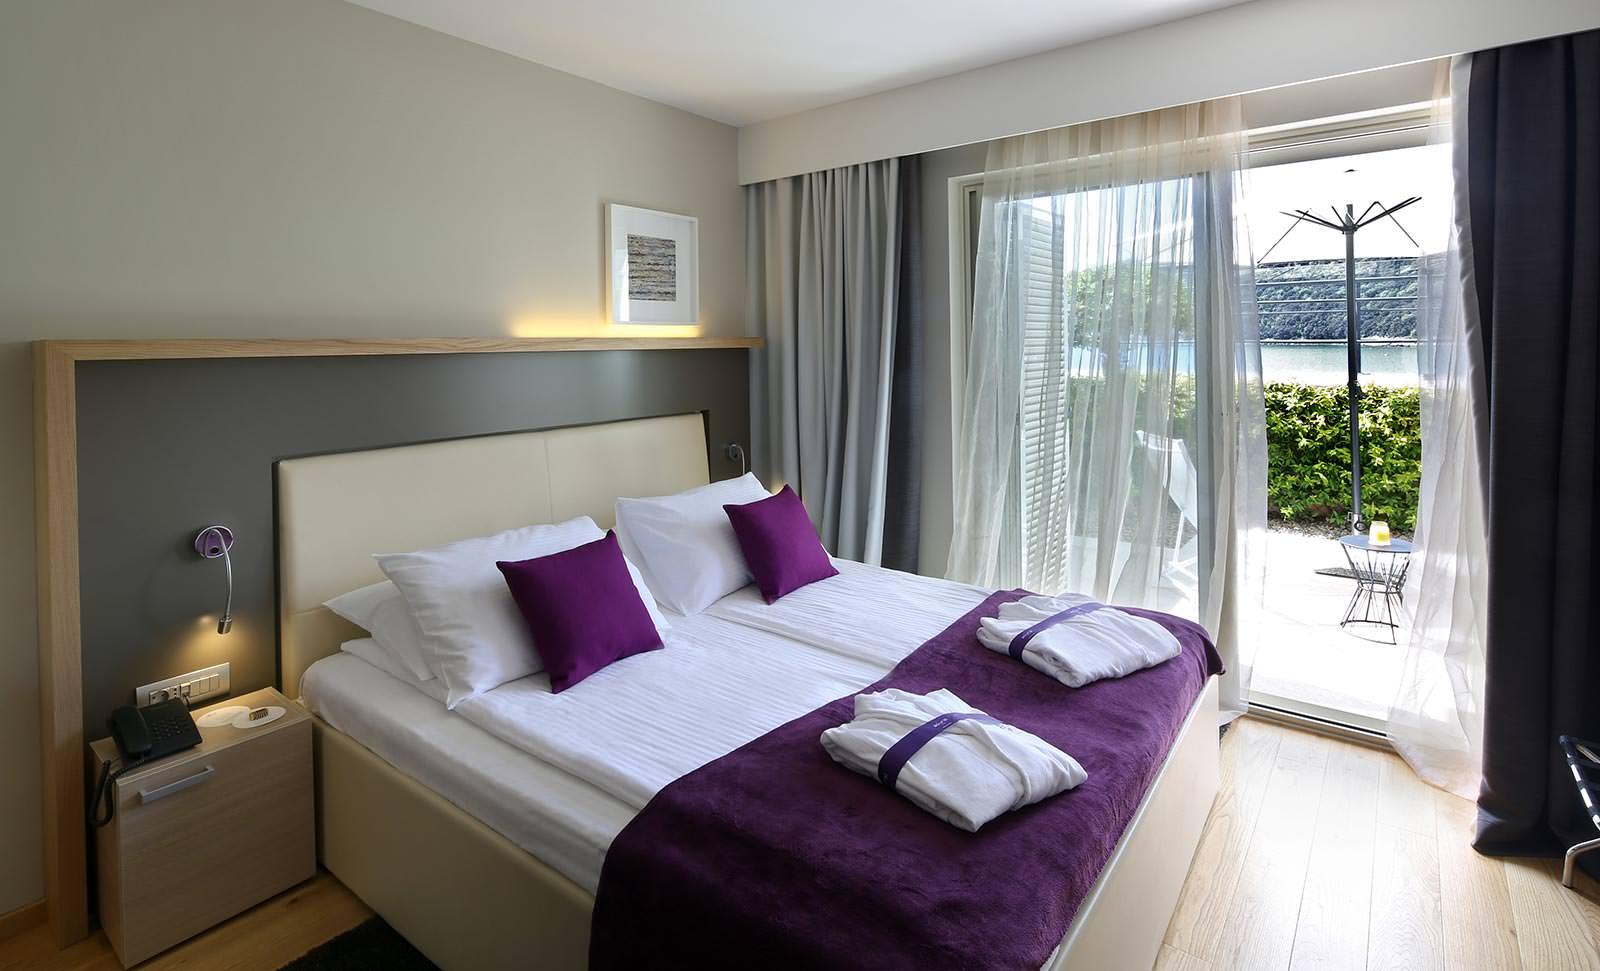 Camere in Croazia  Camere Istria  Hotel mare Croazia  Albergo Istria